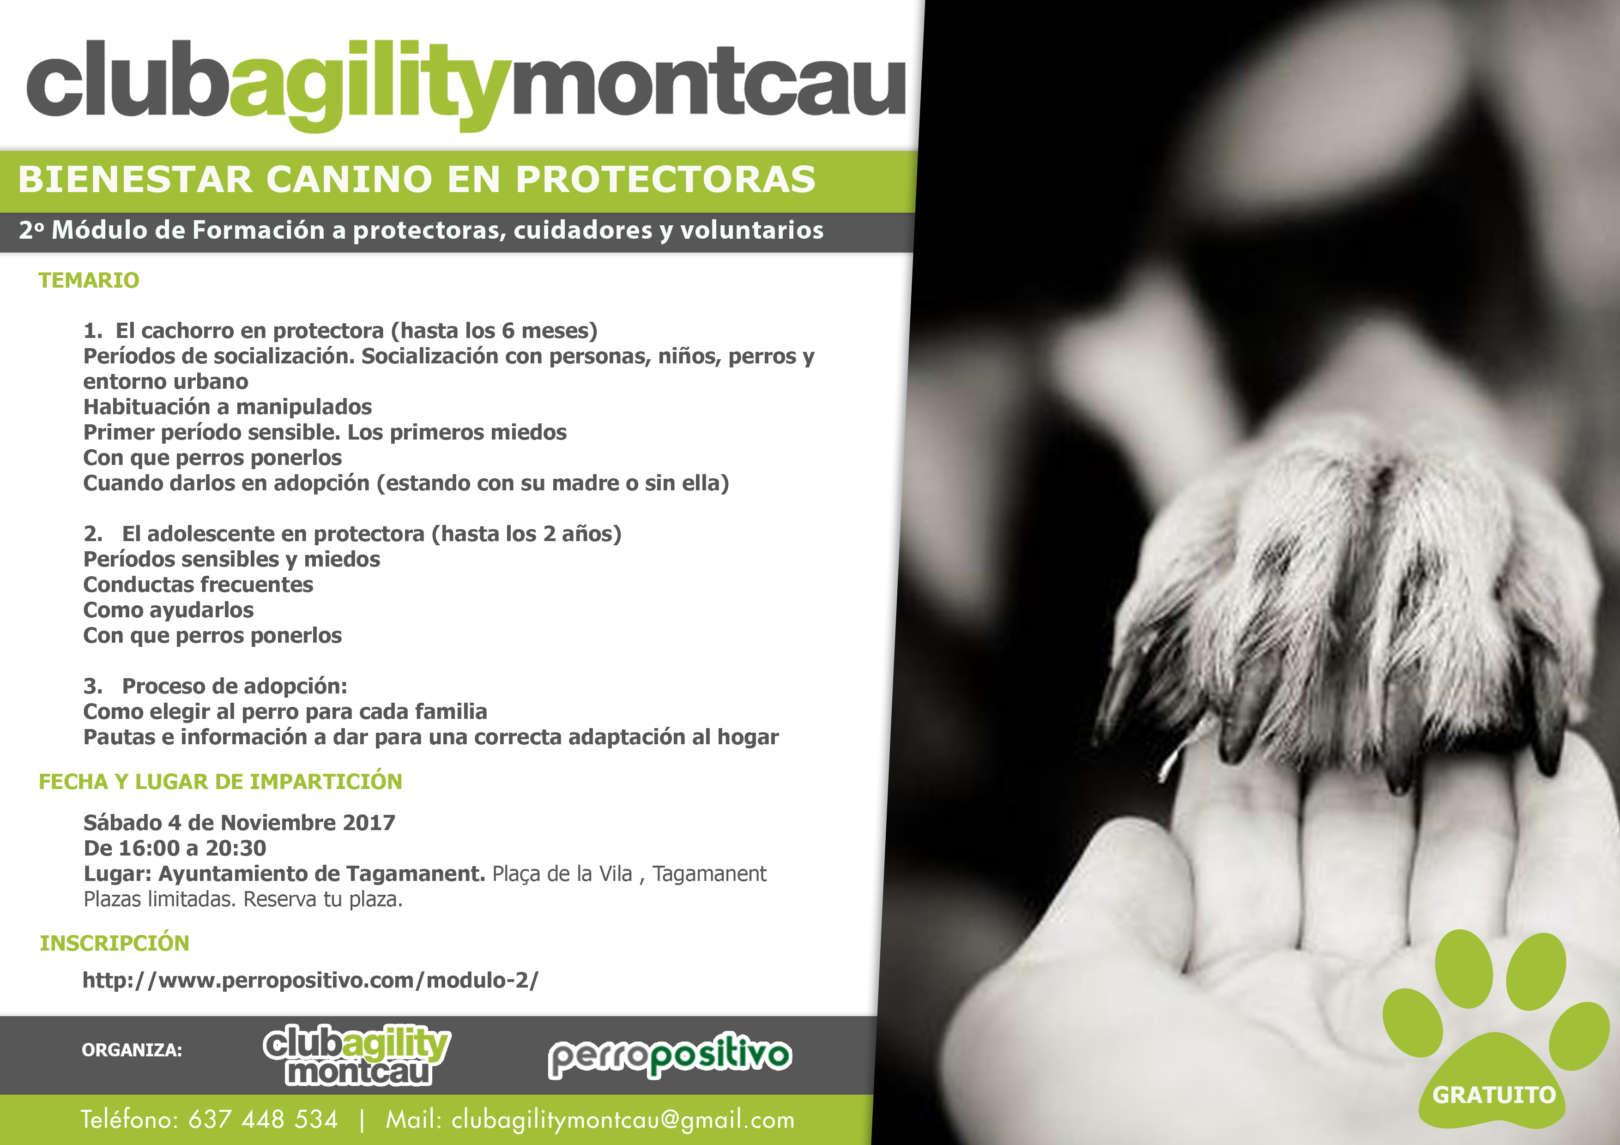 Cartel Modulo2 Bienestar protectoras